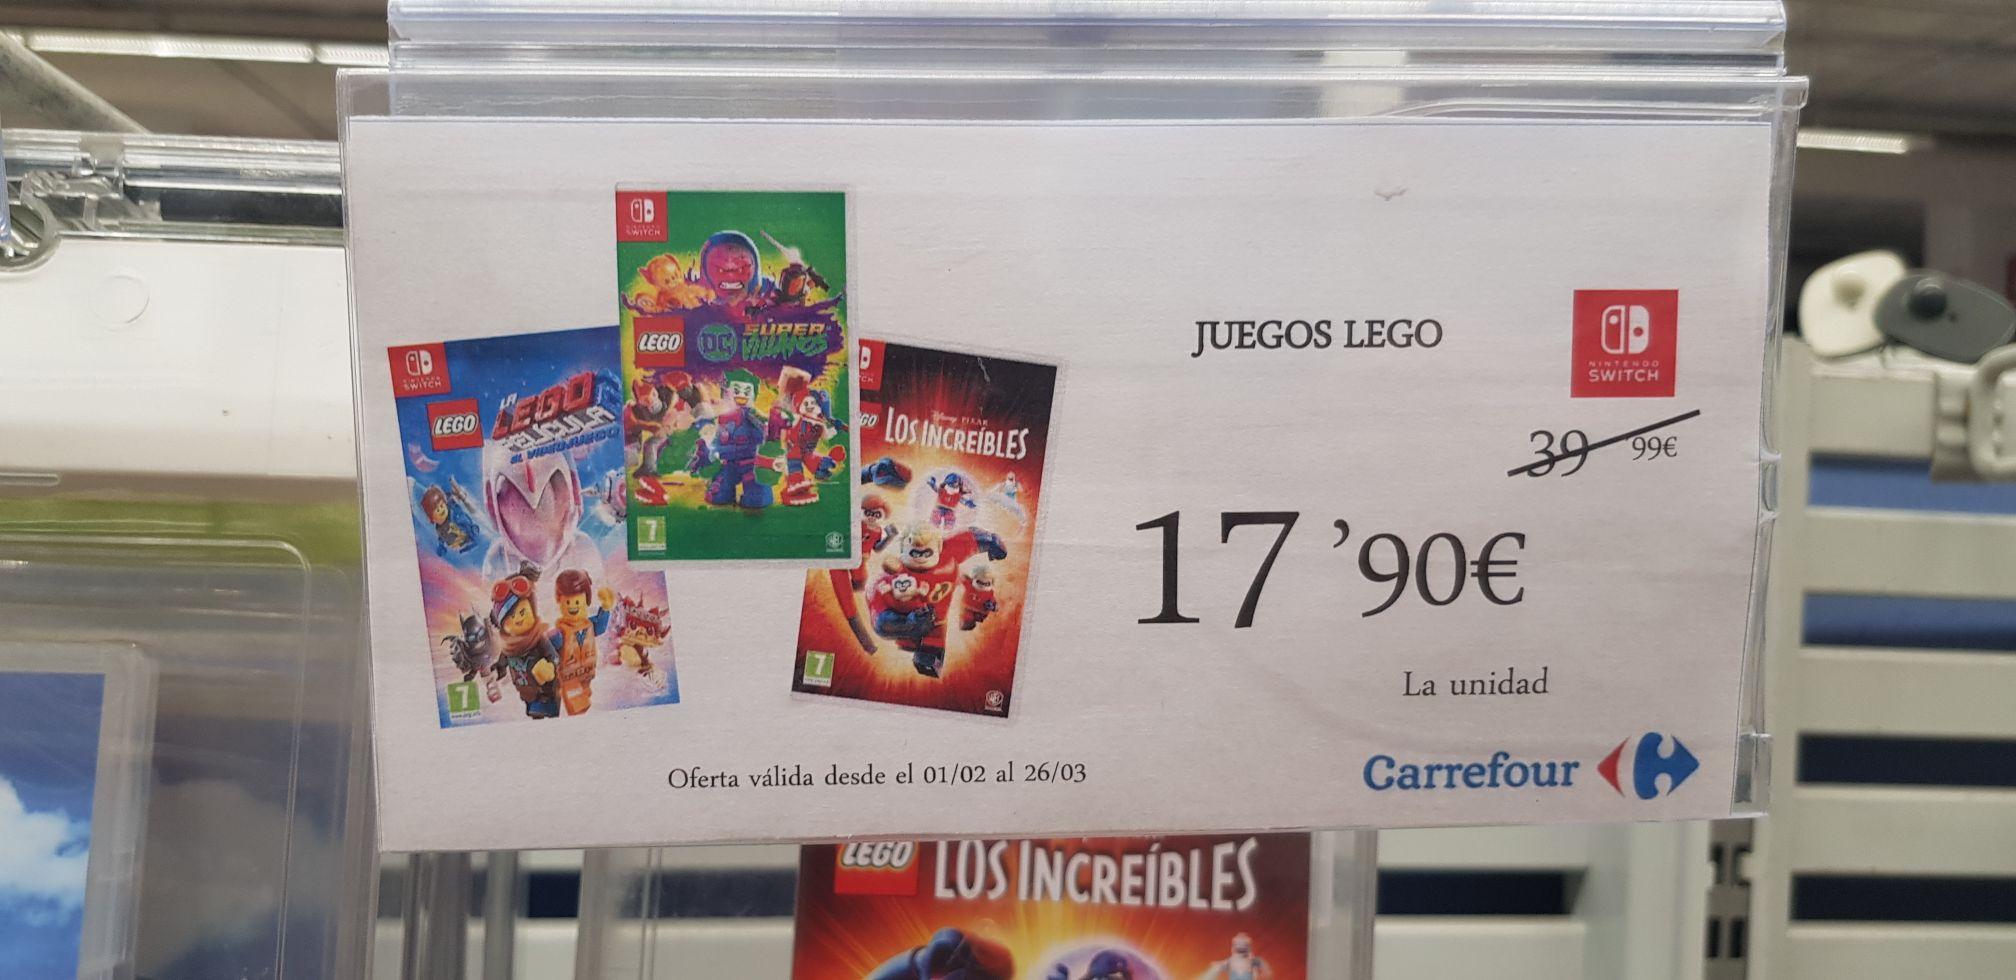 Juegos nintendo switch Lego